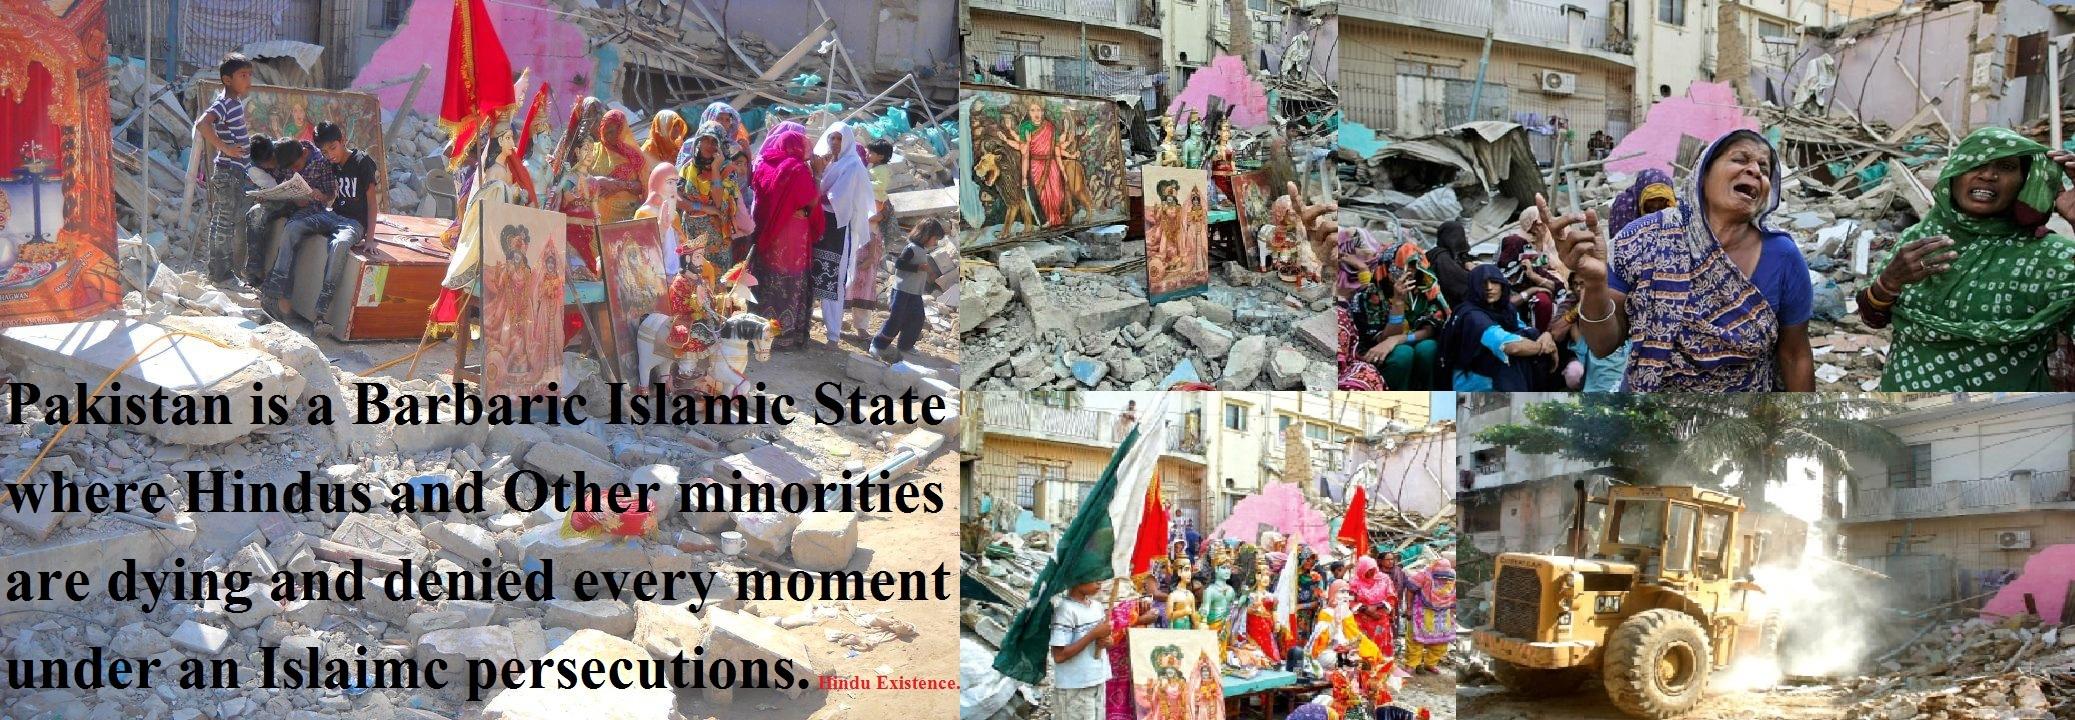 पाकिस्तान के दक्षिणी सिंध प्रांत में कुछ लोगों ने एक छोटे से हिन्दू मंदिर में आग लगा दी जिसके बाद समुदाय के लोगों प्रदर्शन किया. पाकिस्तान हिन्दू परिषद के नेता रमेश वंखवानी ने बताया कि गुरूवार देर रात को टांडो मोहम्मद खान जिले में स्थित मंदिर की एक मूर्ति और कई धार्मिक पुस्तकें जलाकर नष्ट कर दी गयी. वंखवानी ने बताया कि हम नहीं जानते हैं कि इस घटना के पीछे किसका हाथ है।